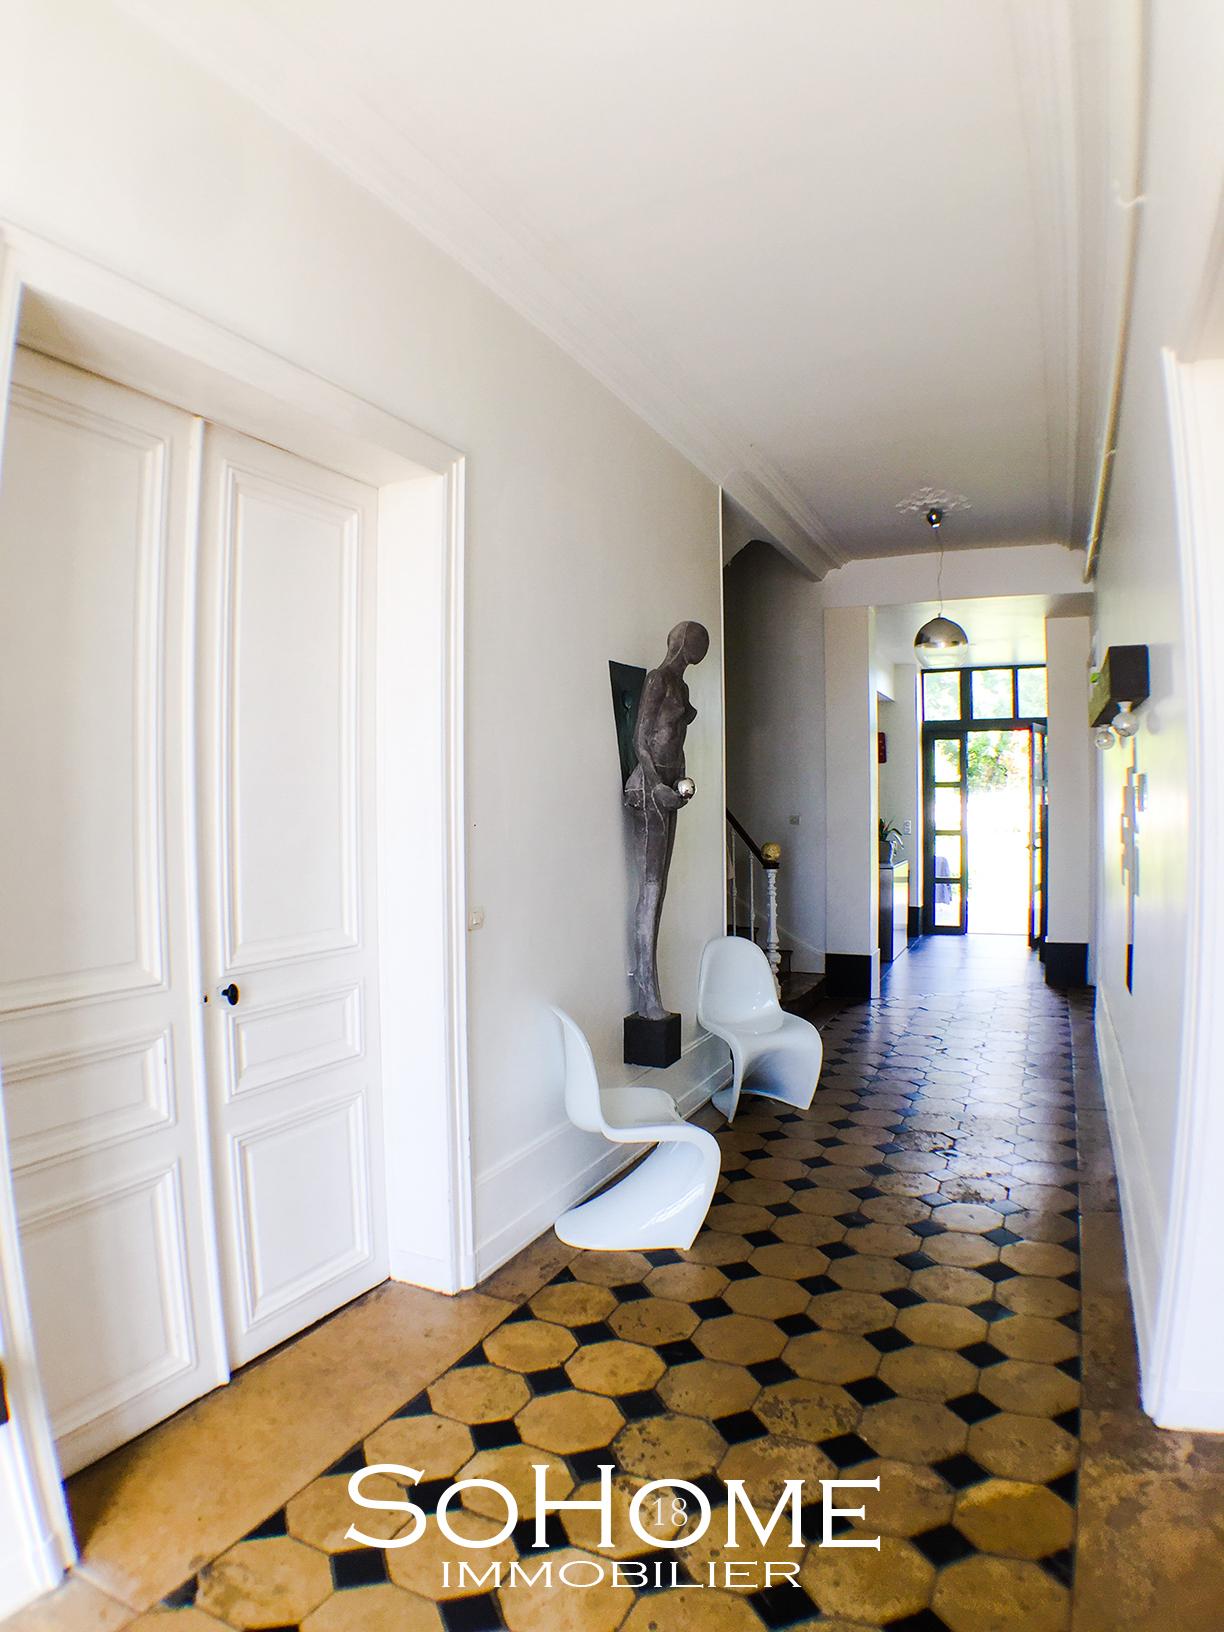 SoHomeImmobilier-FAMILIALE-maison-10.jpg